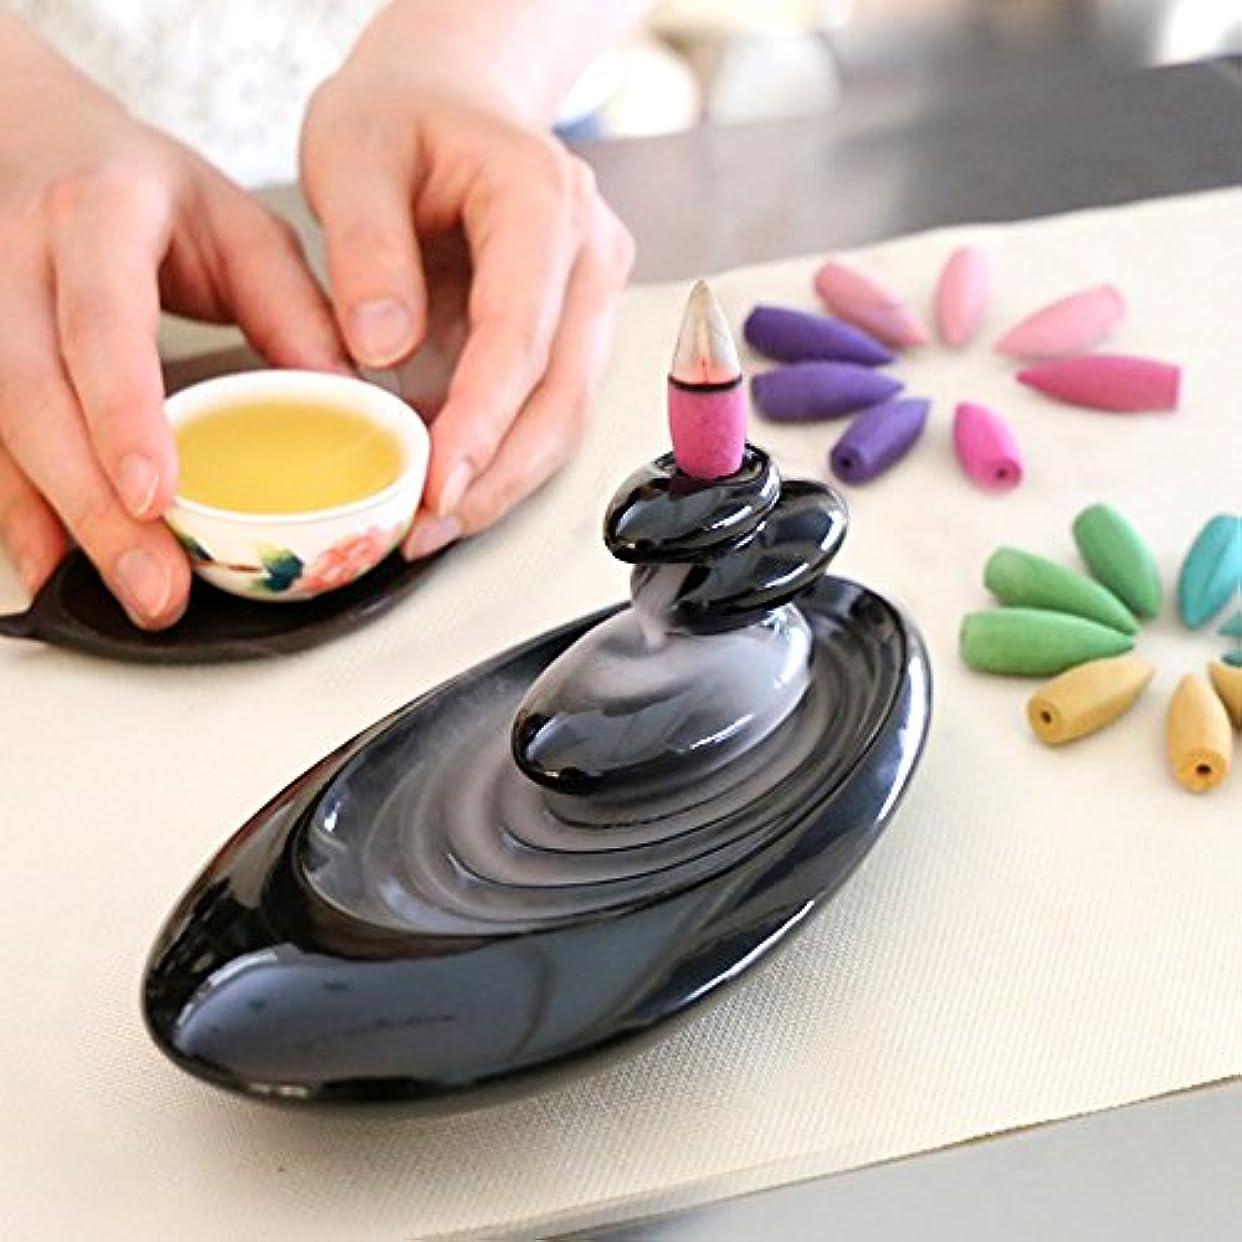 風変形静かな倒流香 香炉 シンプル 6種の香り アロマ香炉 ギフトBOX仕様 アロマインセンス 逆流香 誕生日 プレゼント (誕生日カード)